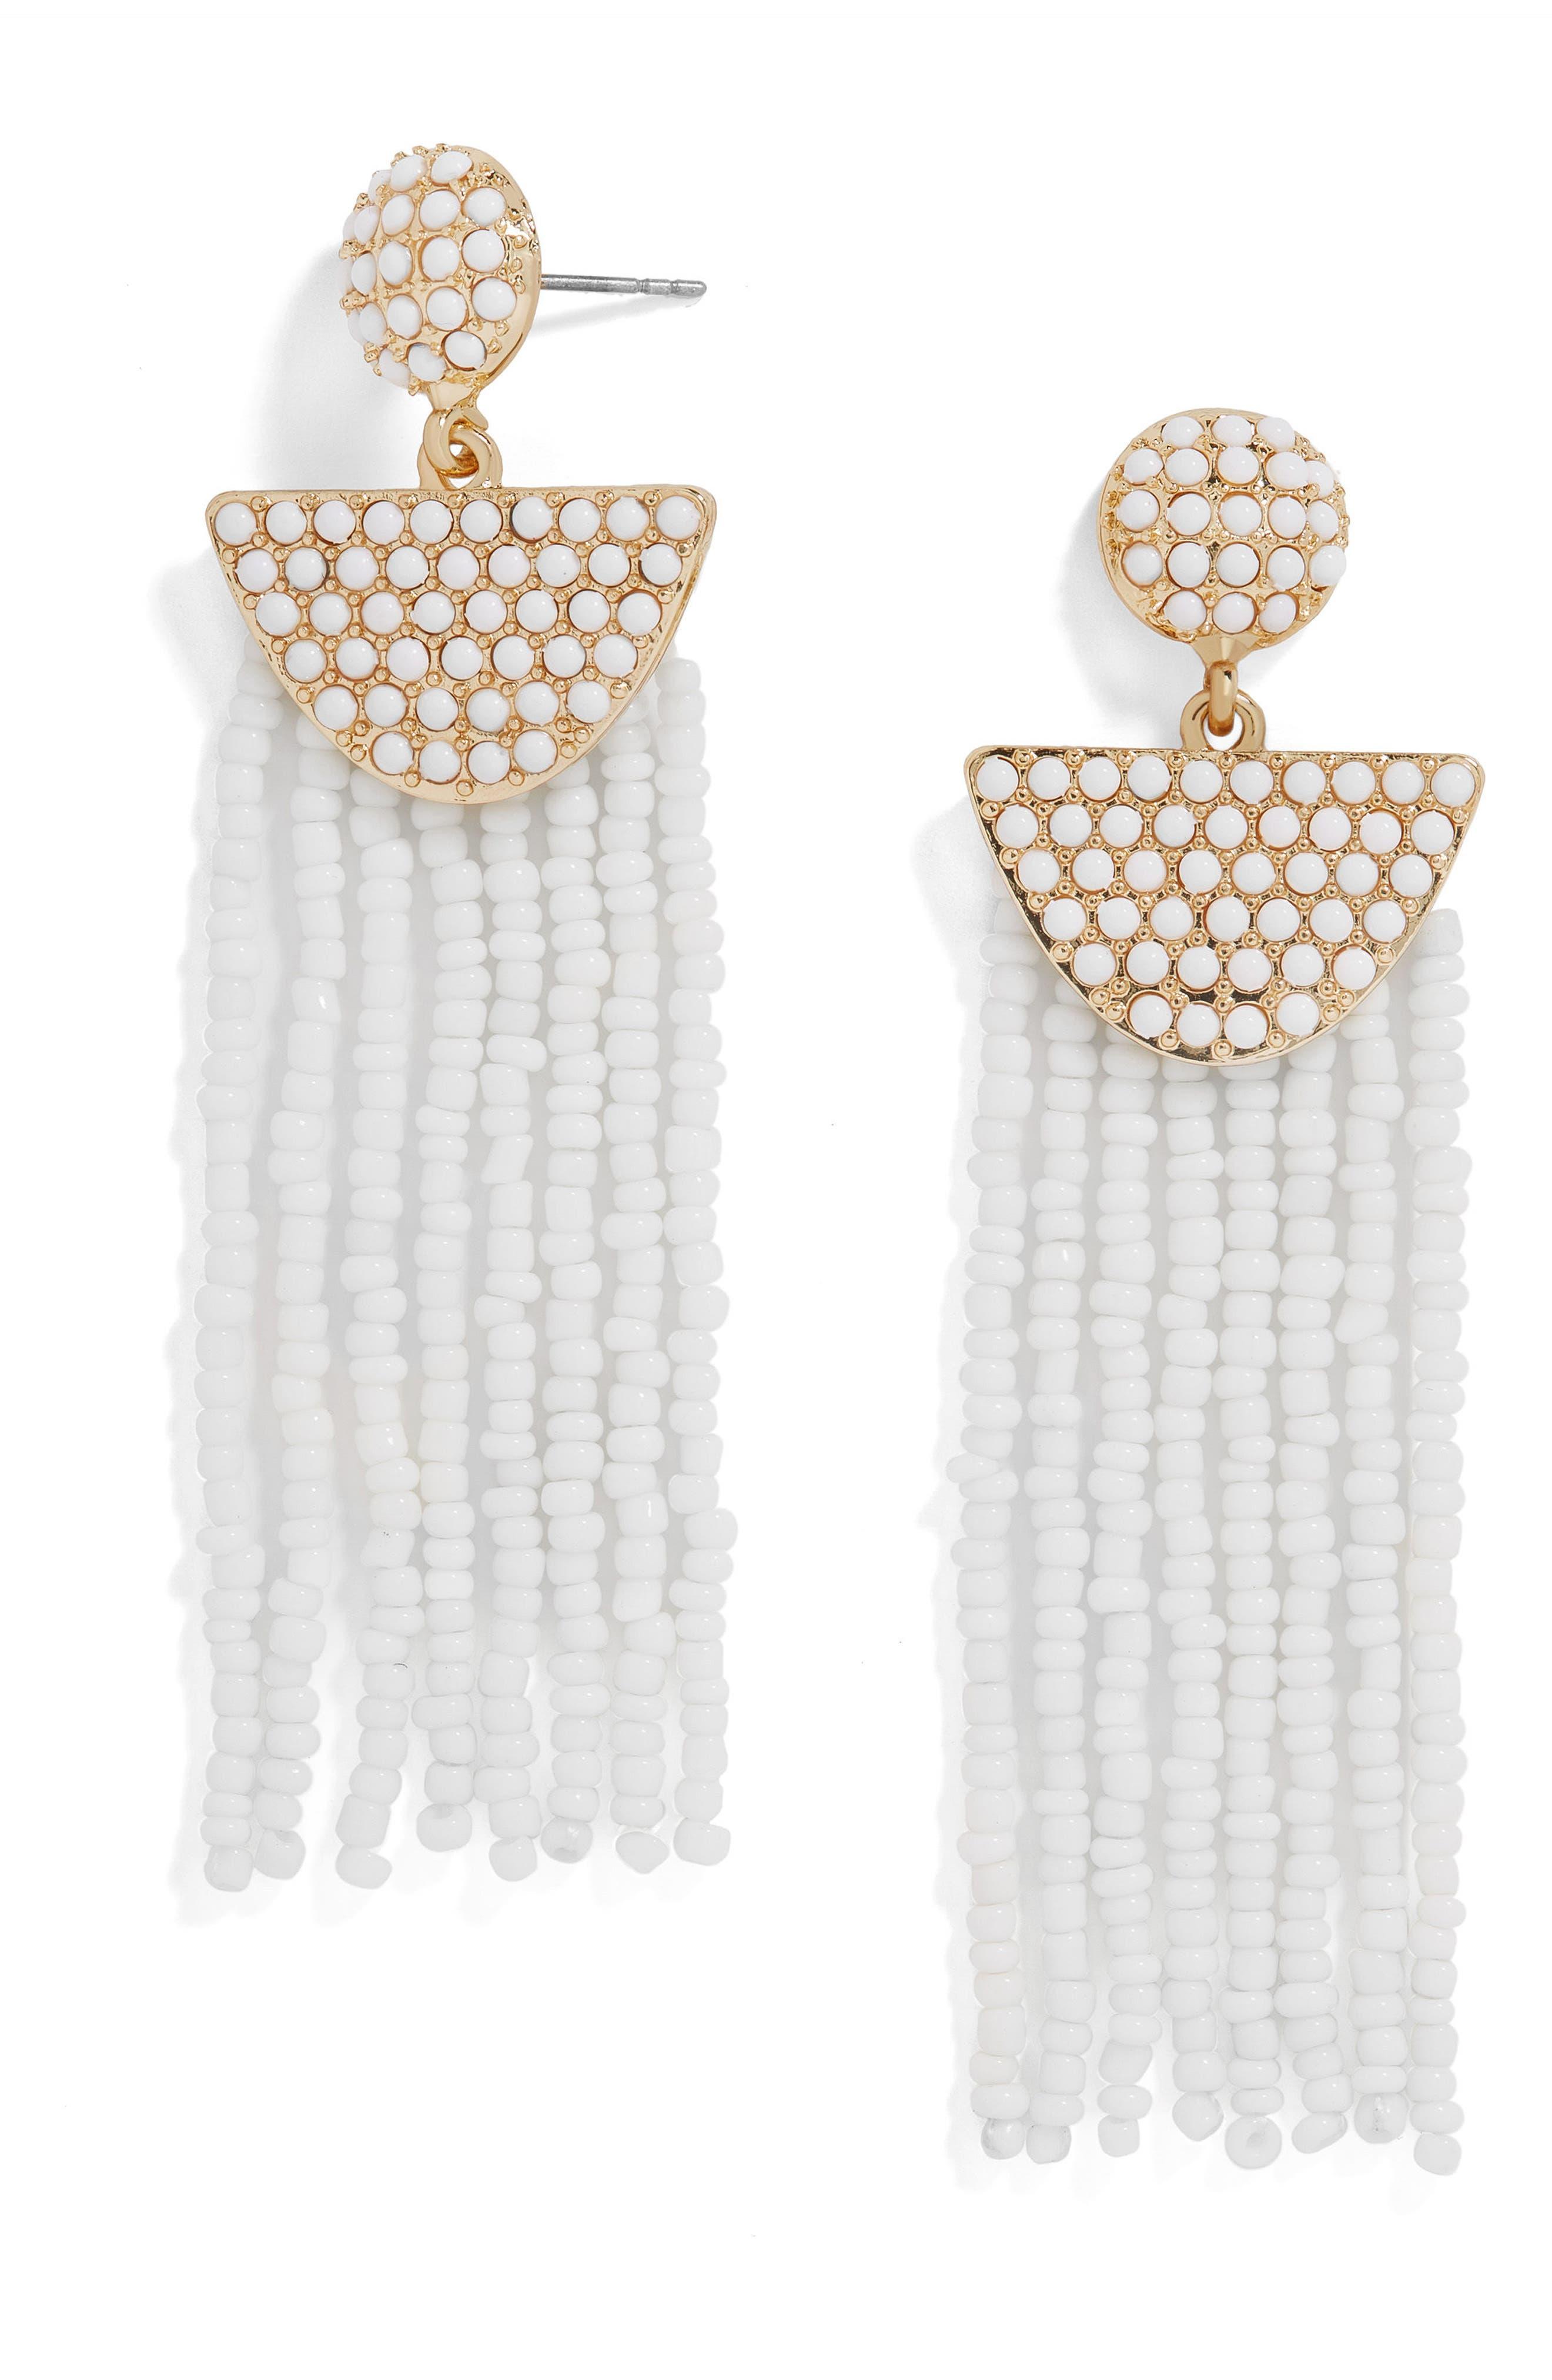 Main Image - BaubleBar Tarot Beaded Deco Drop Earrings